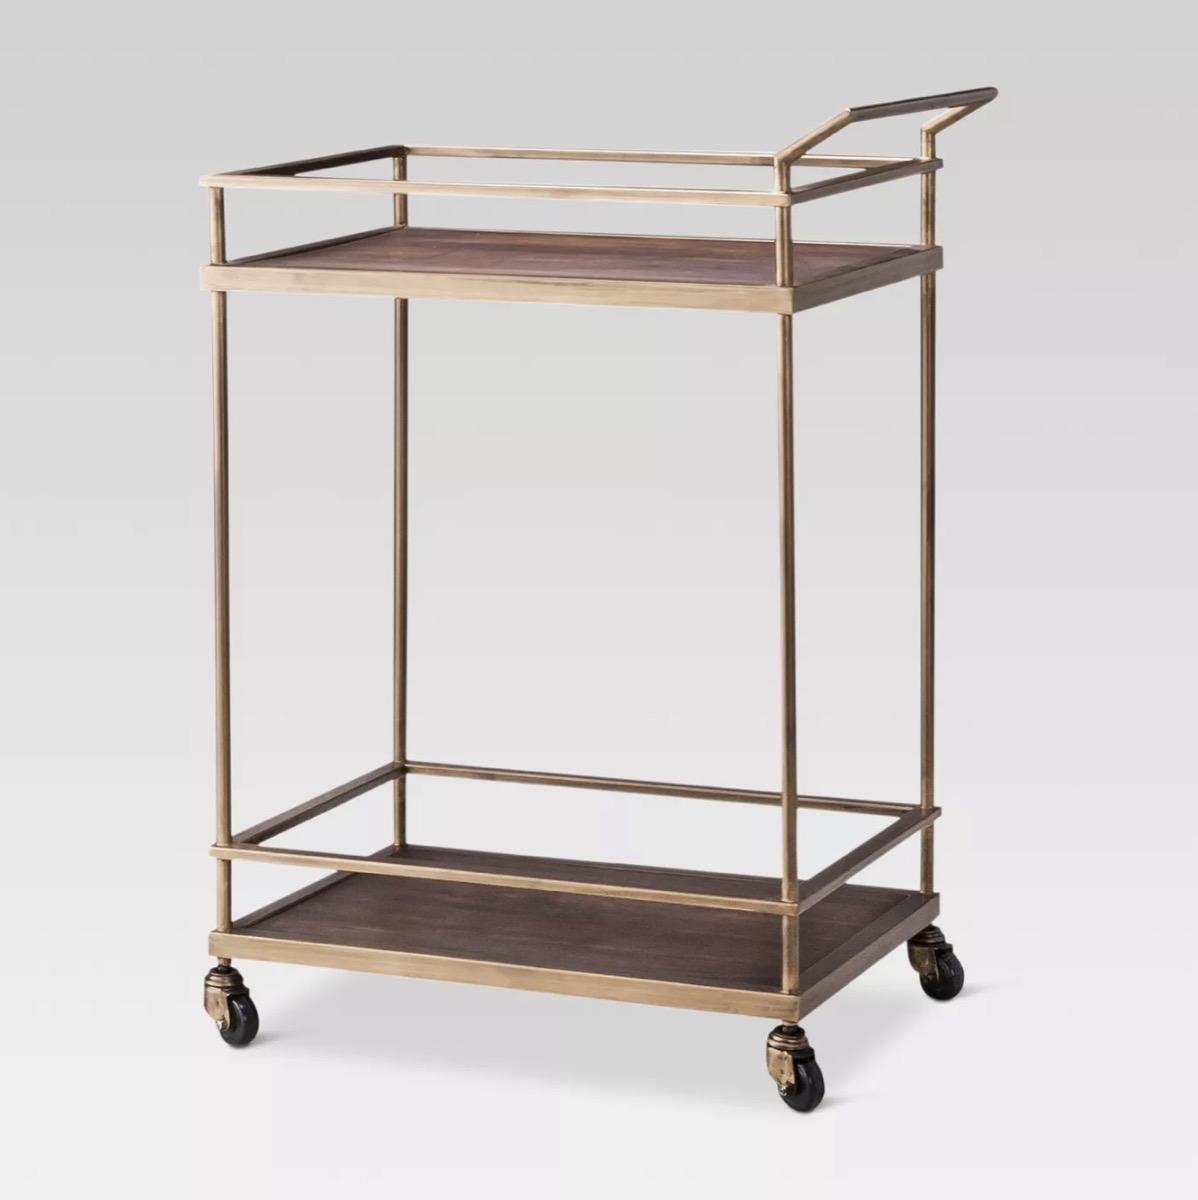 gold bar cart, target home decor items